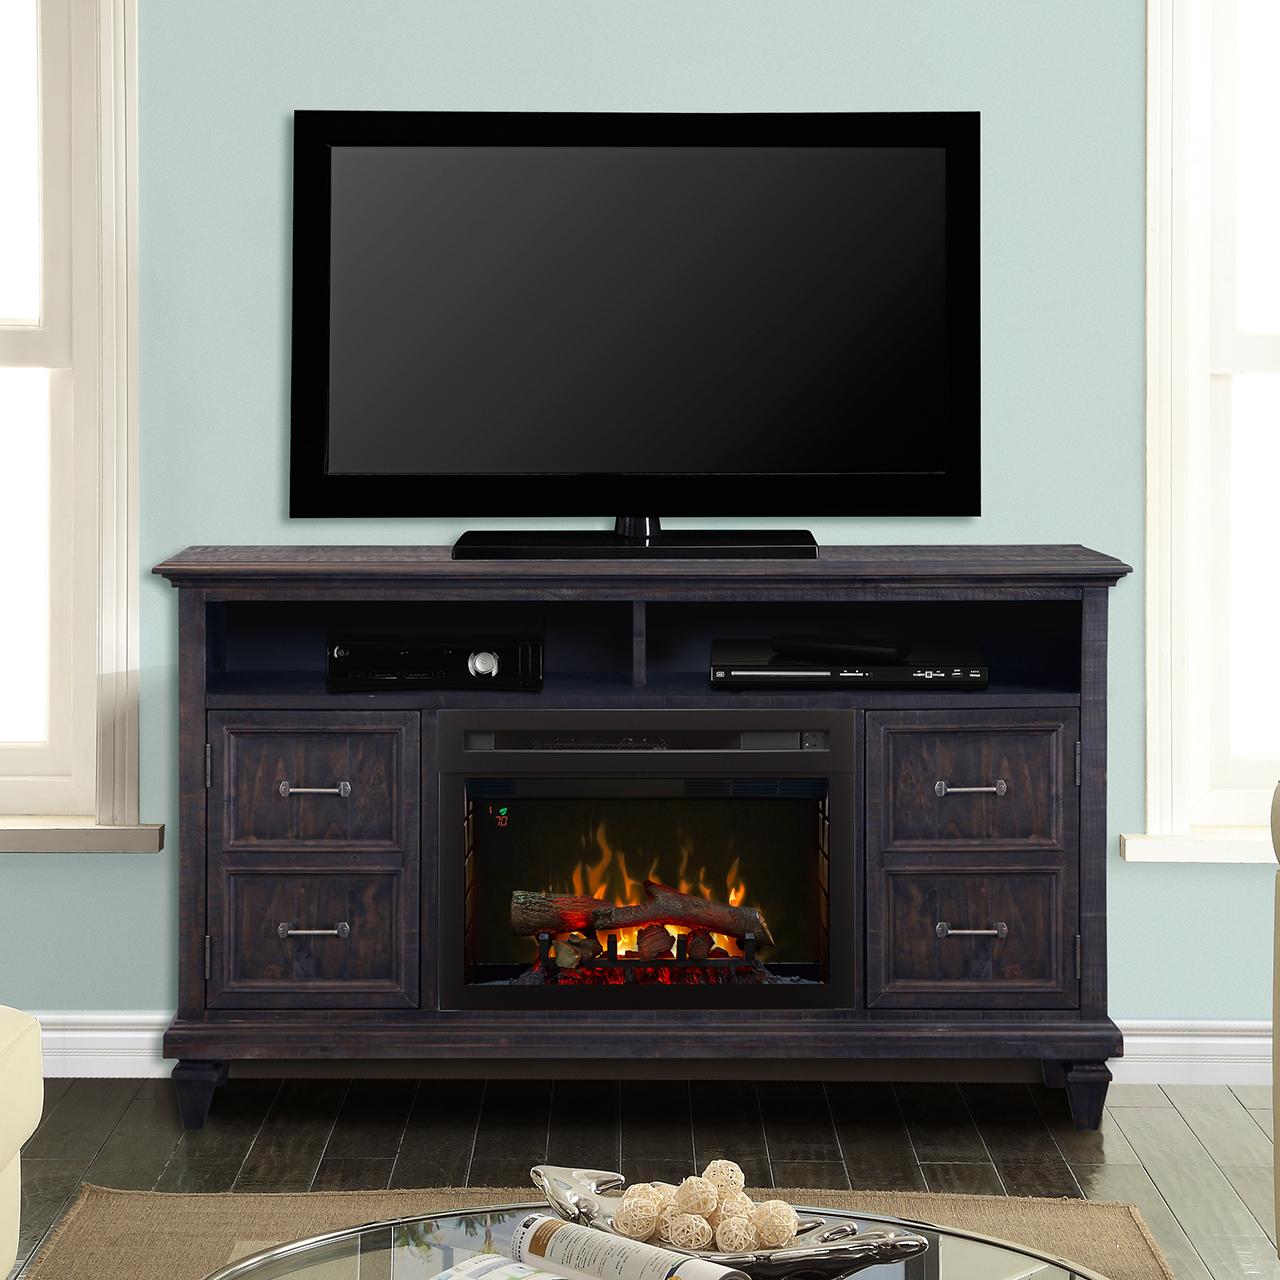 Solomon media console fireplace